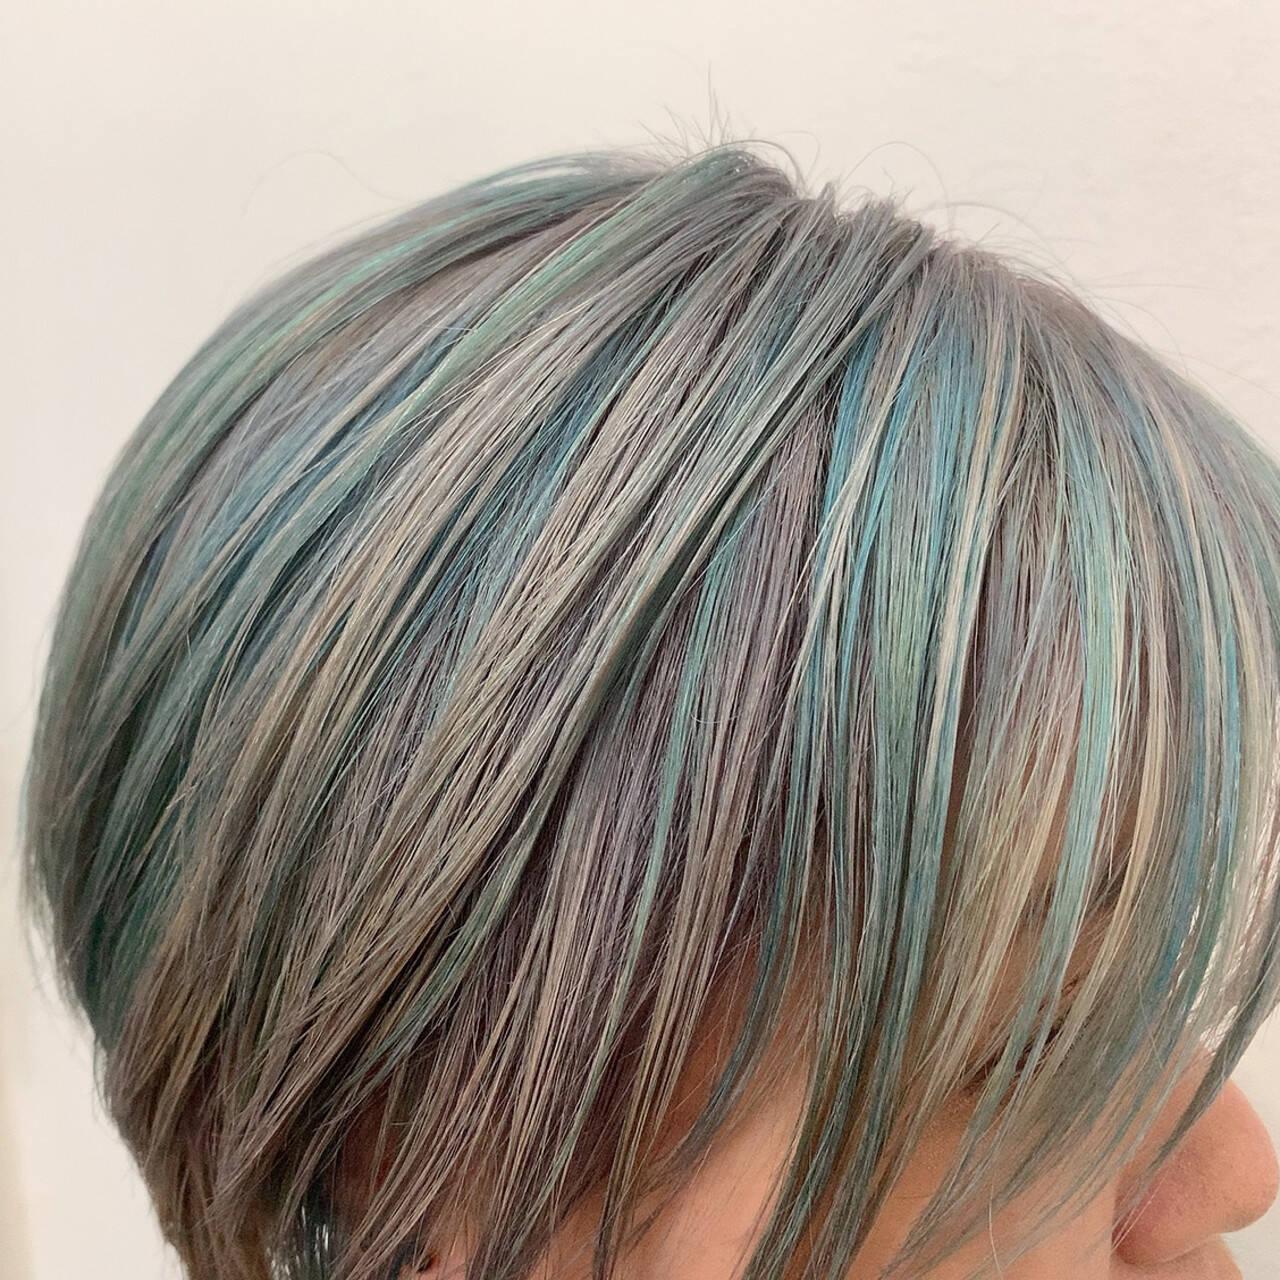 ショート デザインカラー ハイトーンカラー ブリーチカラーヘアスタイルや髪型の写真・画像